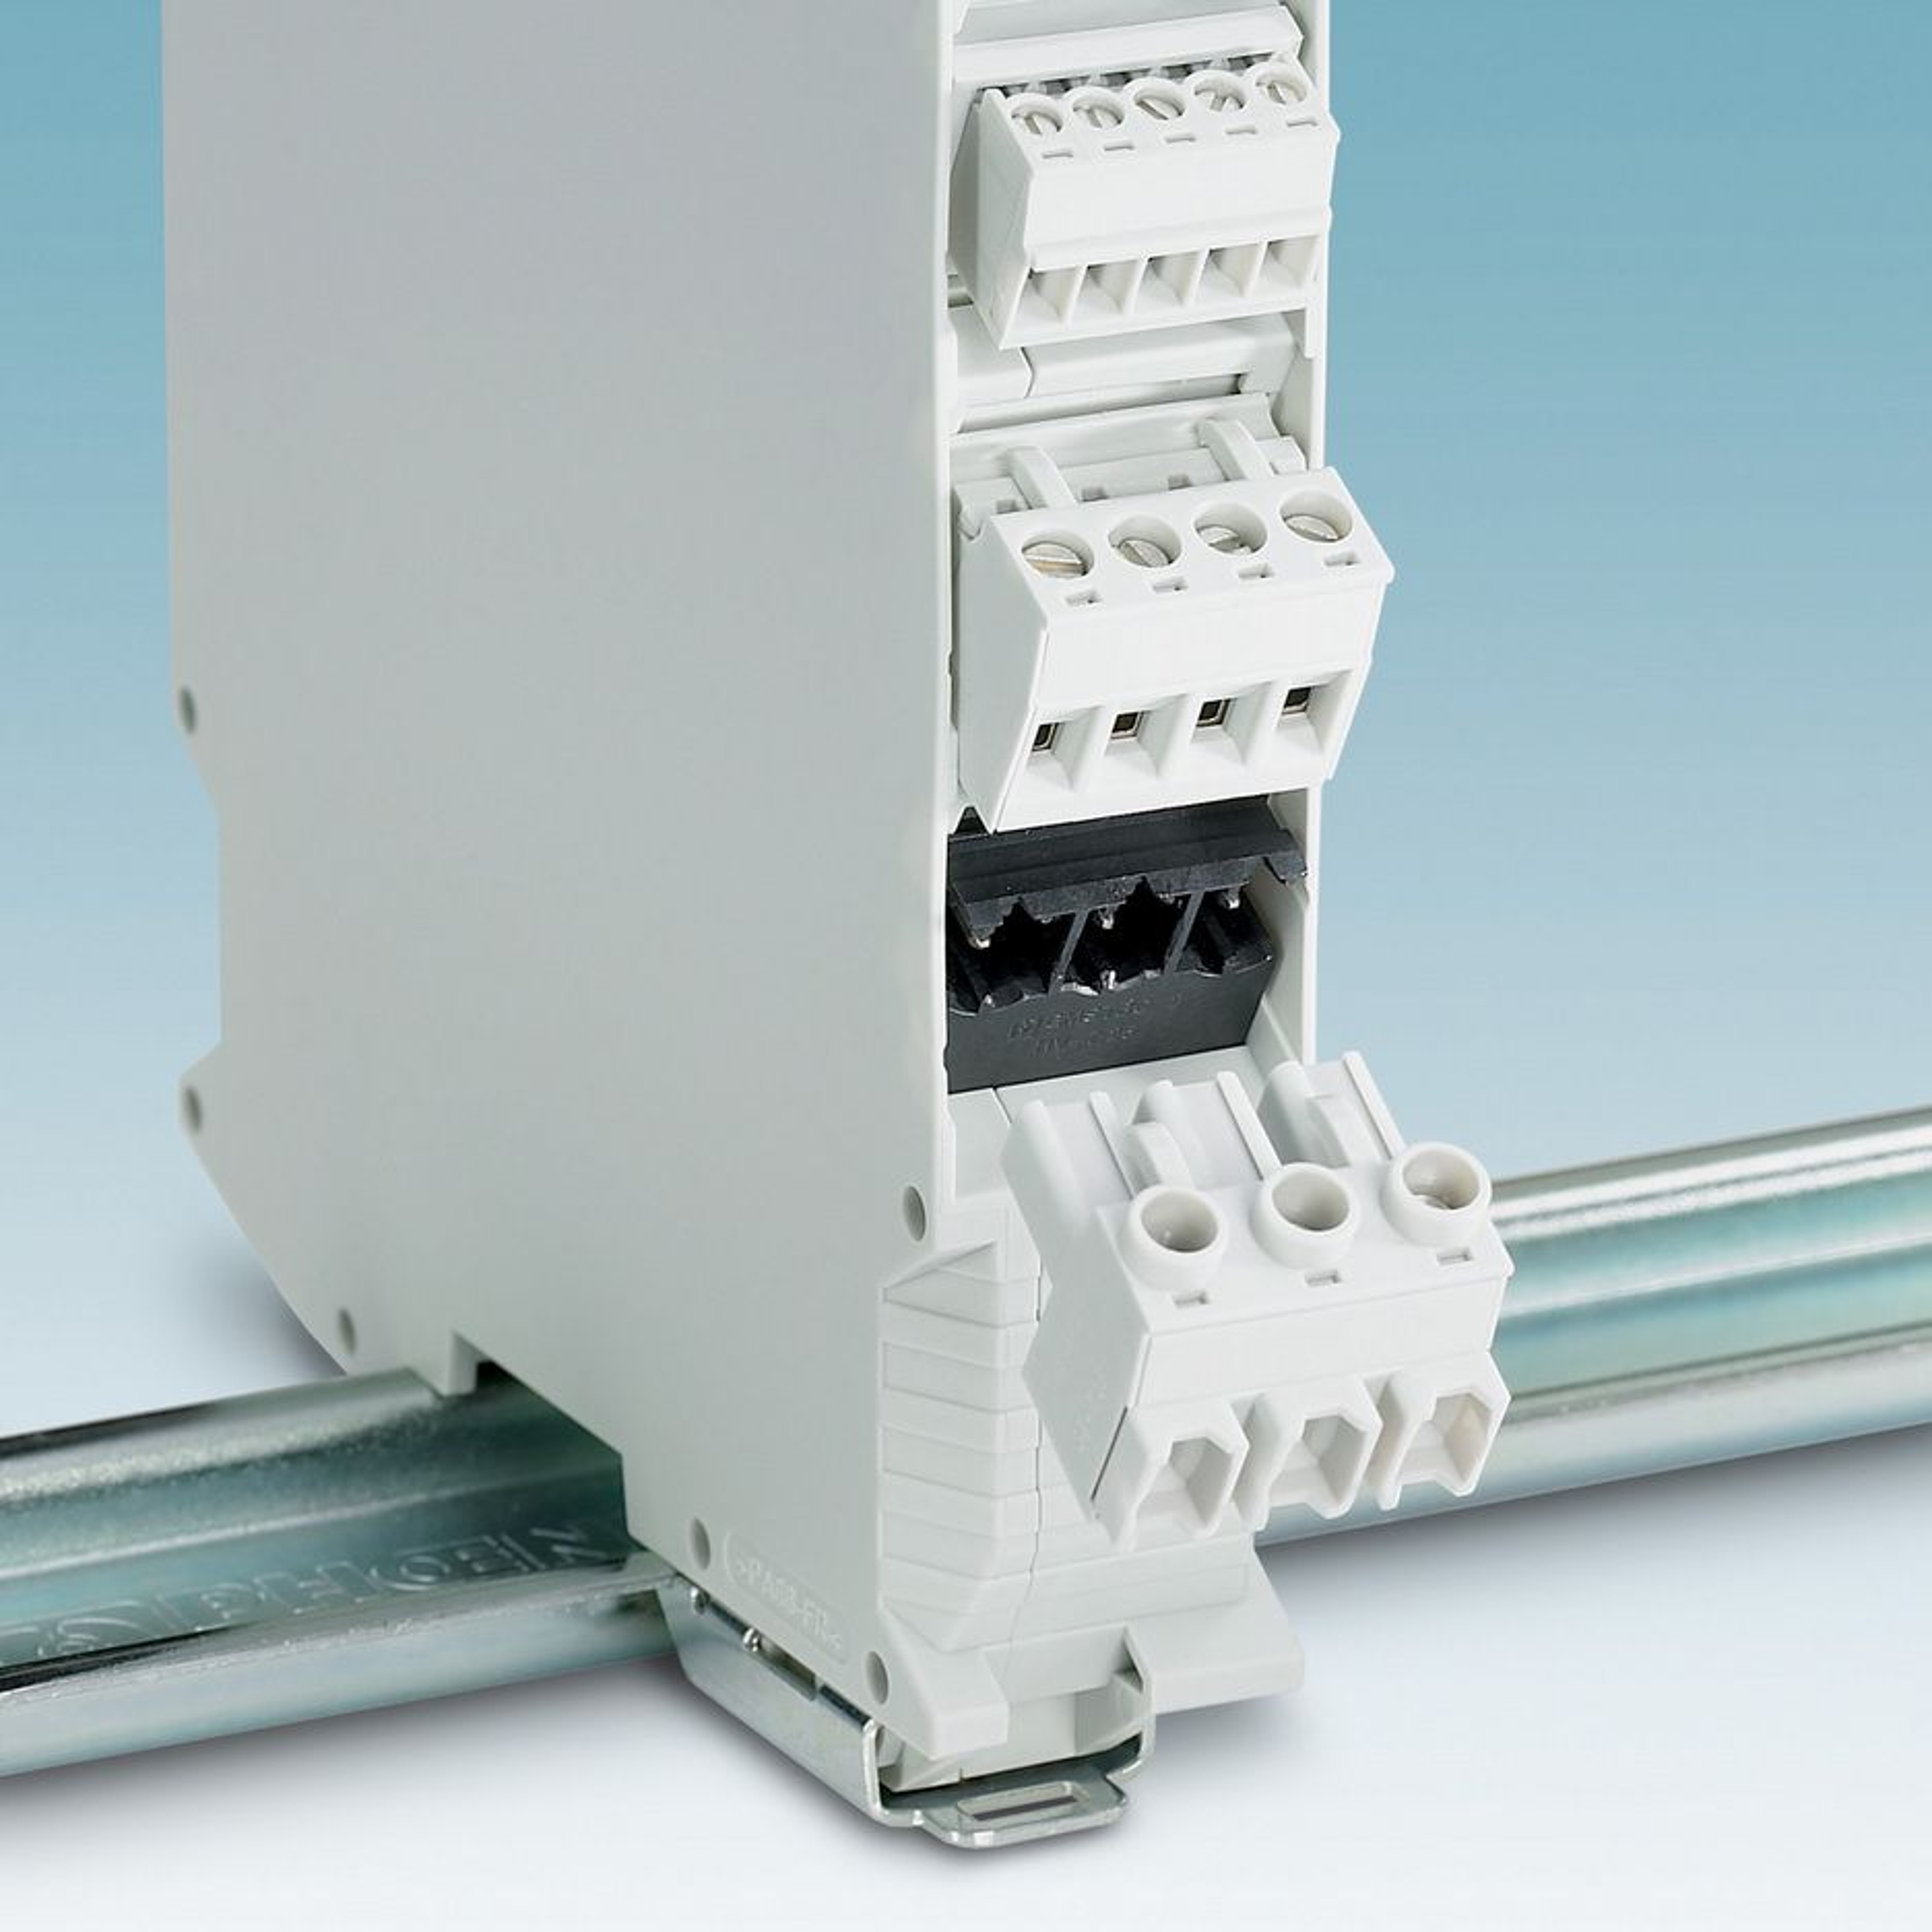 Effektplugg med 600 V UL utstyrsgodkjennelse